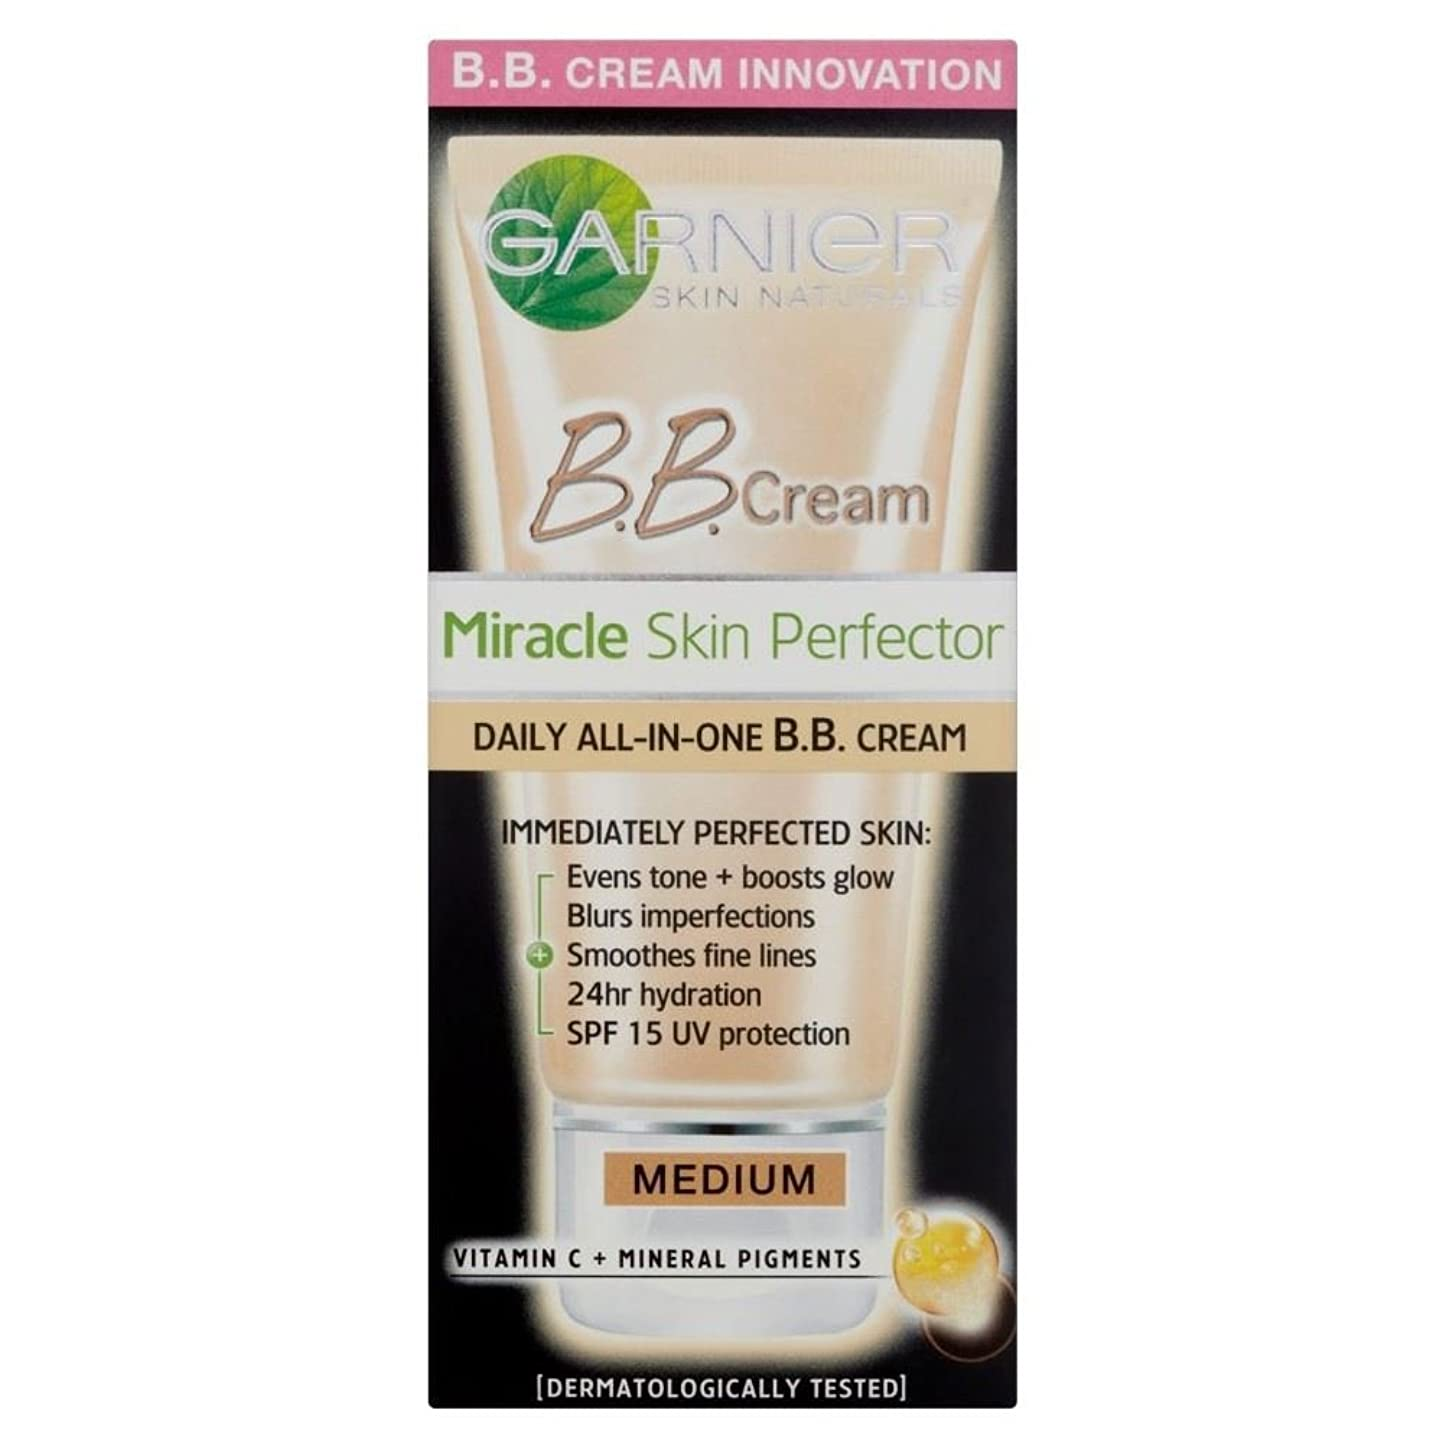 ビーチポンプ抹消Garnier Miracle Skin Perfector B.B. Cream with SPF 15 - Medium (50ml) Spf 15とガルニエ奇跡のスキンパーフェクのb.B.クリーム - 培地( 50ミリリットル)